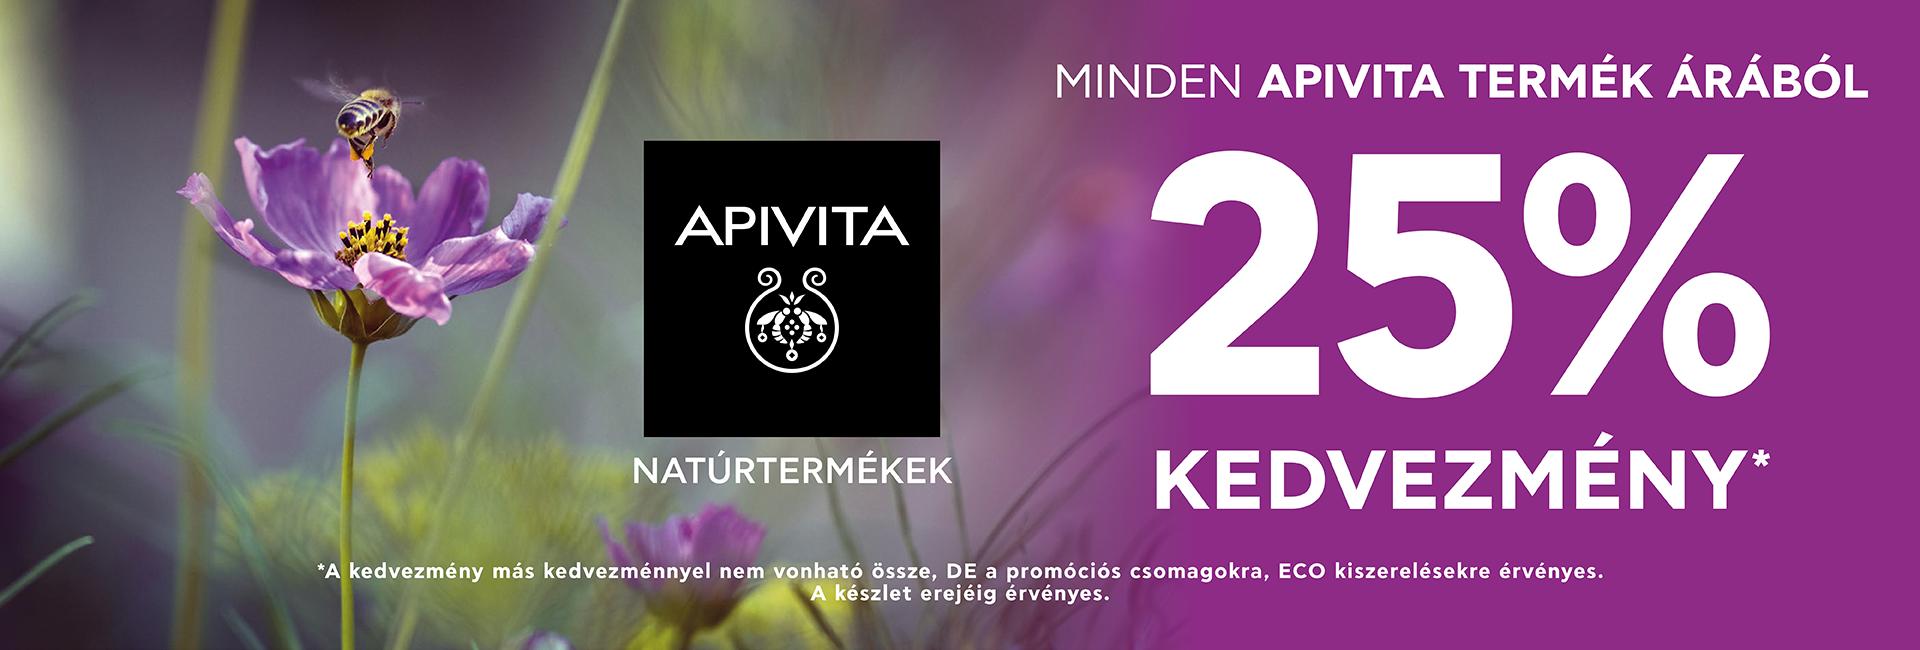 2020. június 19-29. között 25% kedvezményt adunk minden Apivita termék árából!